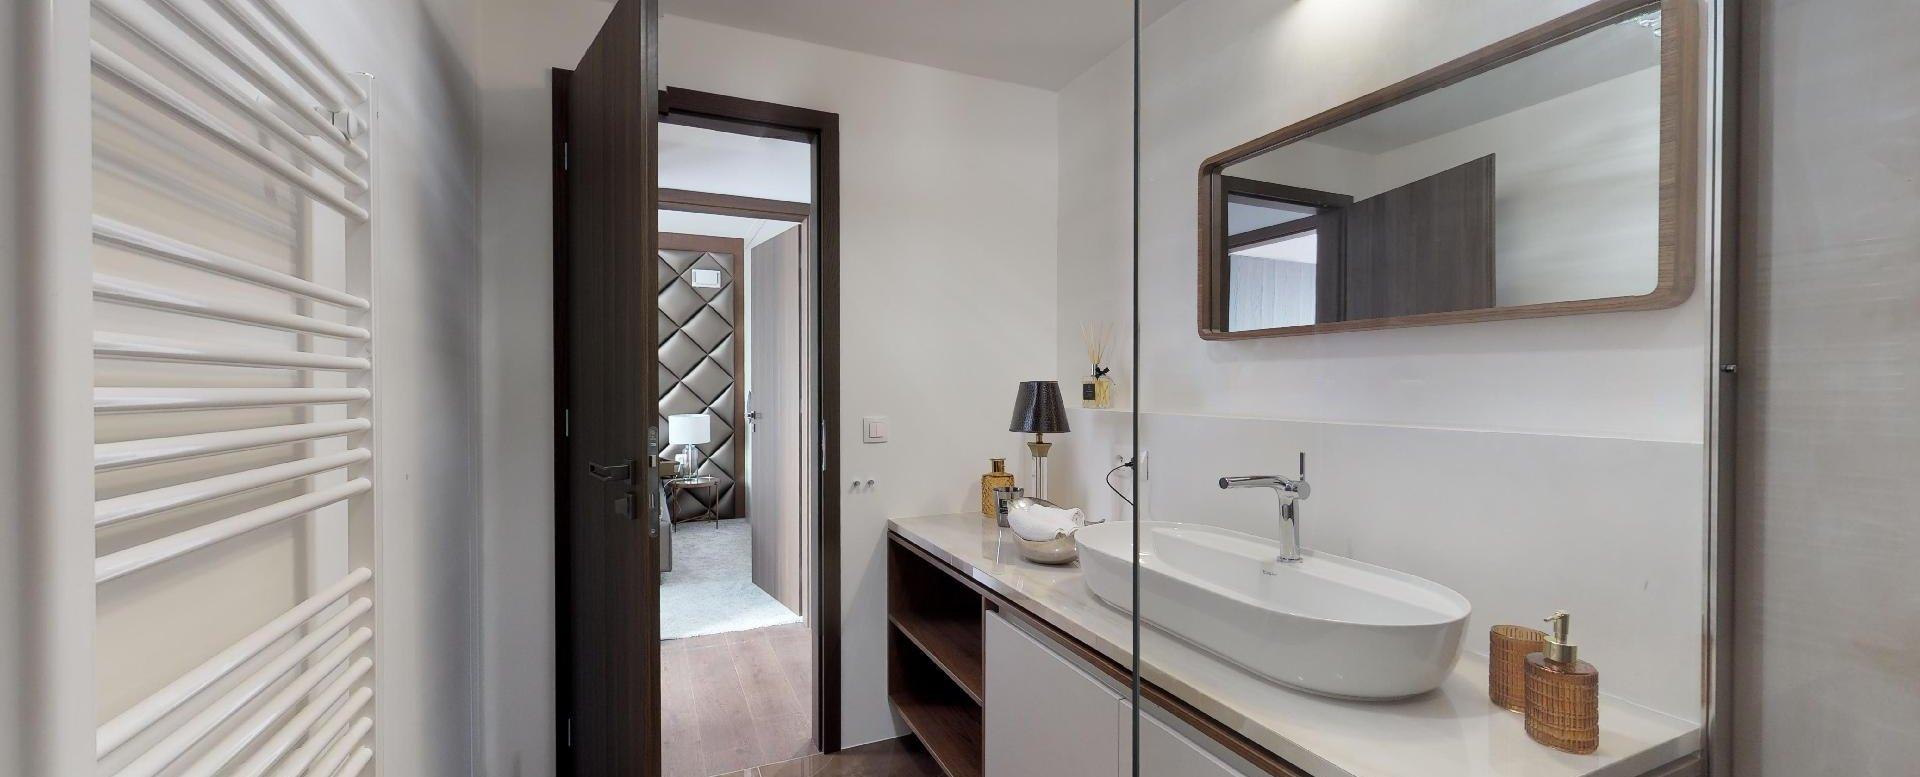 moderný kúpeľňový nábytok